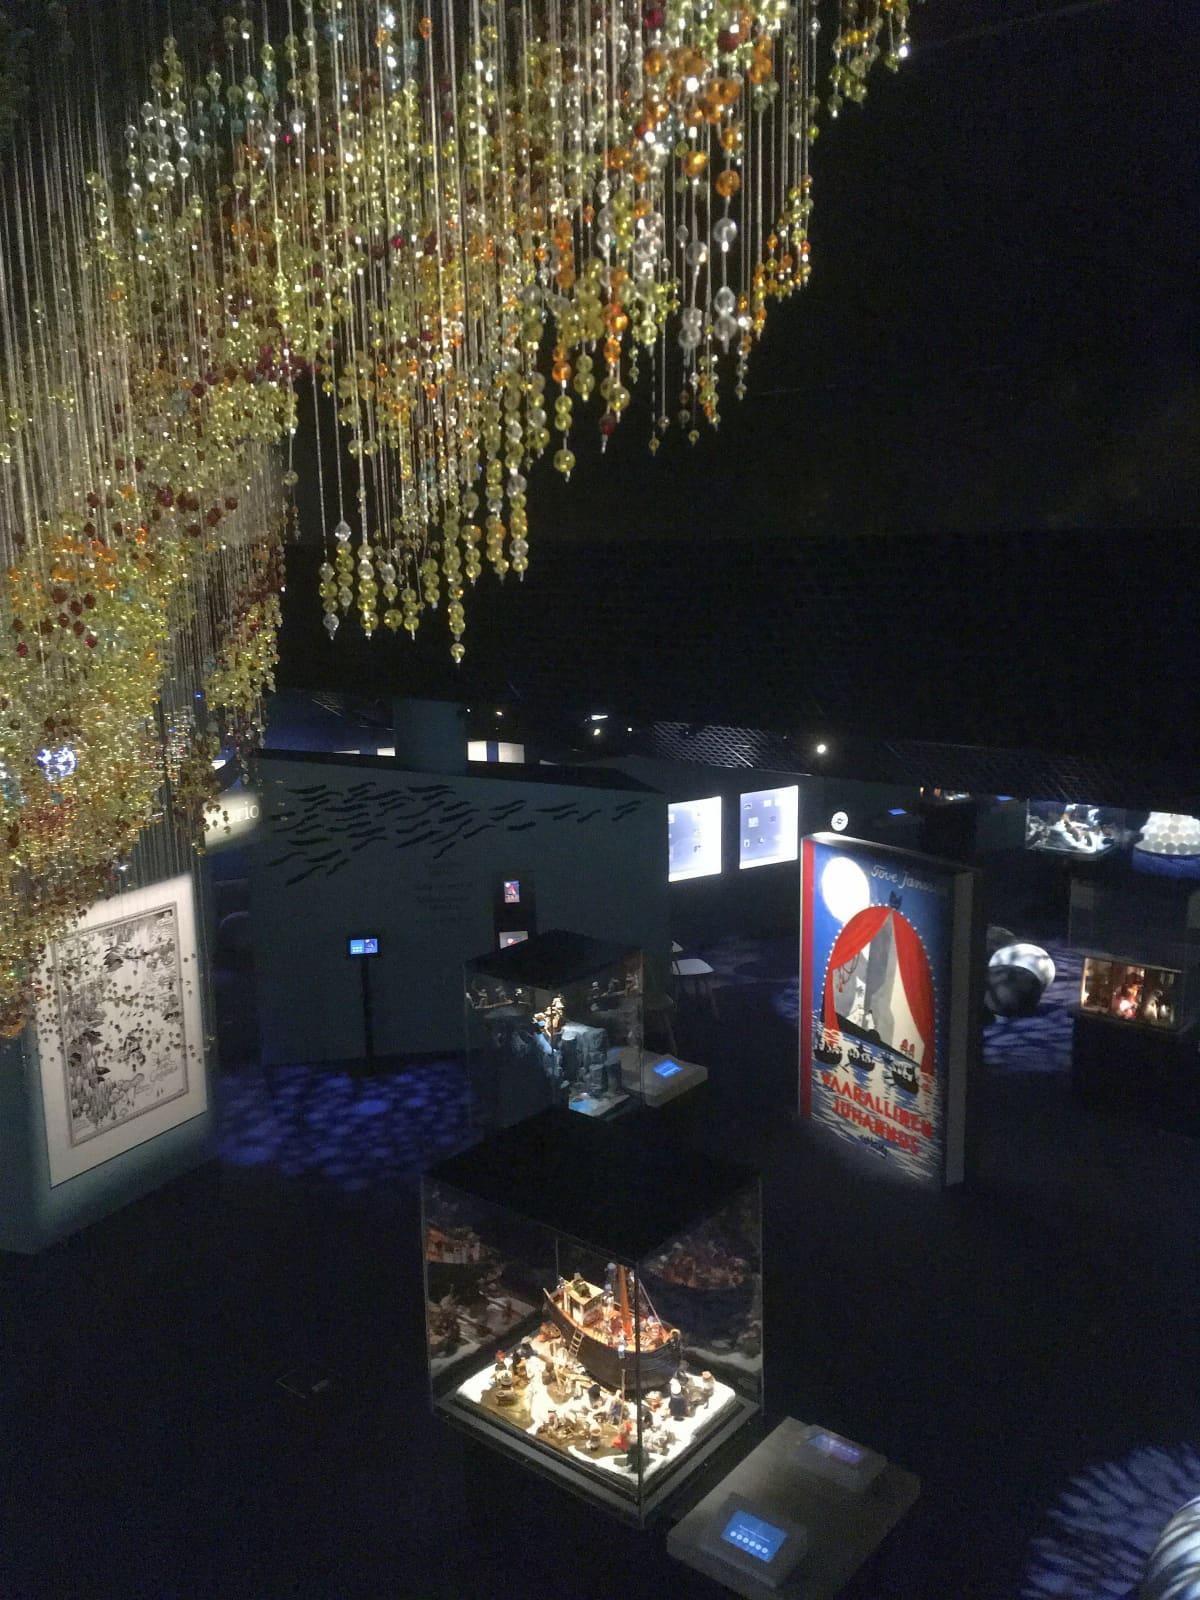 Näkymä Muumimuseon ylätasanteelta alas. Etualalla on pyrstötähteä esittävä helmiteos ja alhaalla näkyy pienoismaailmoja lasikuvuissaan.